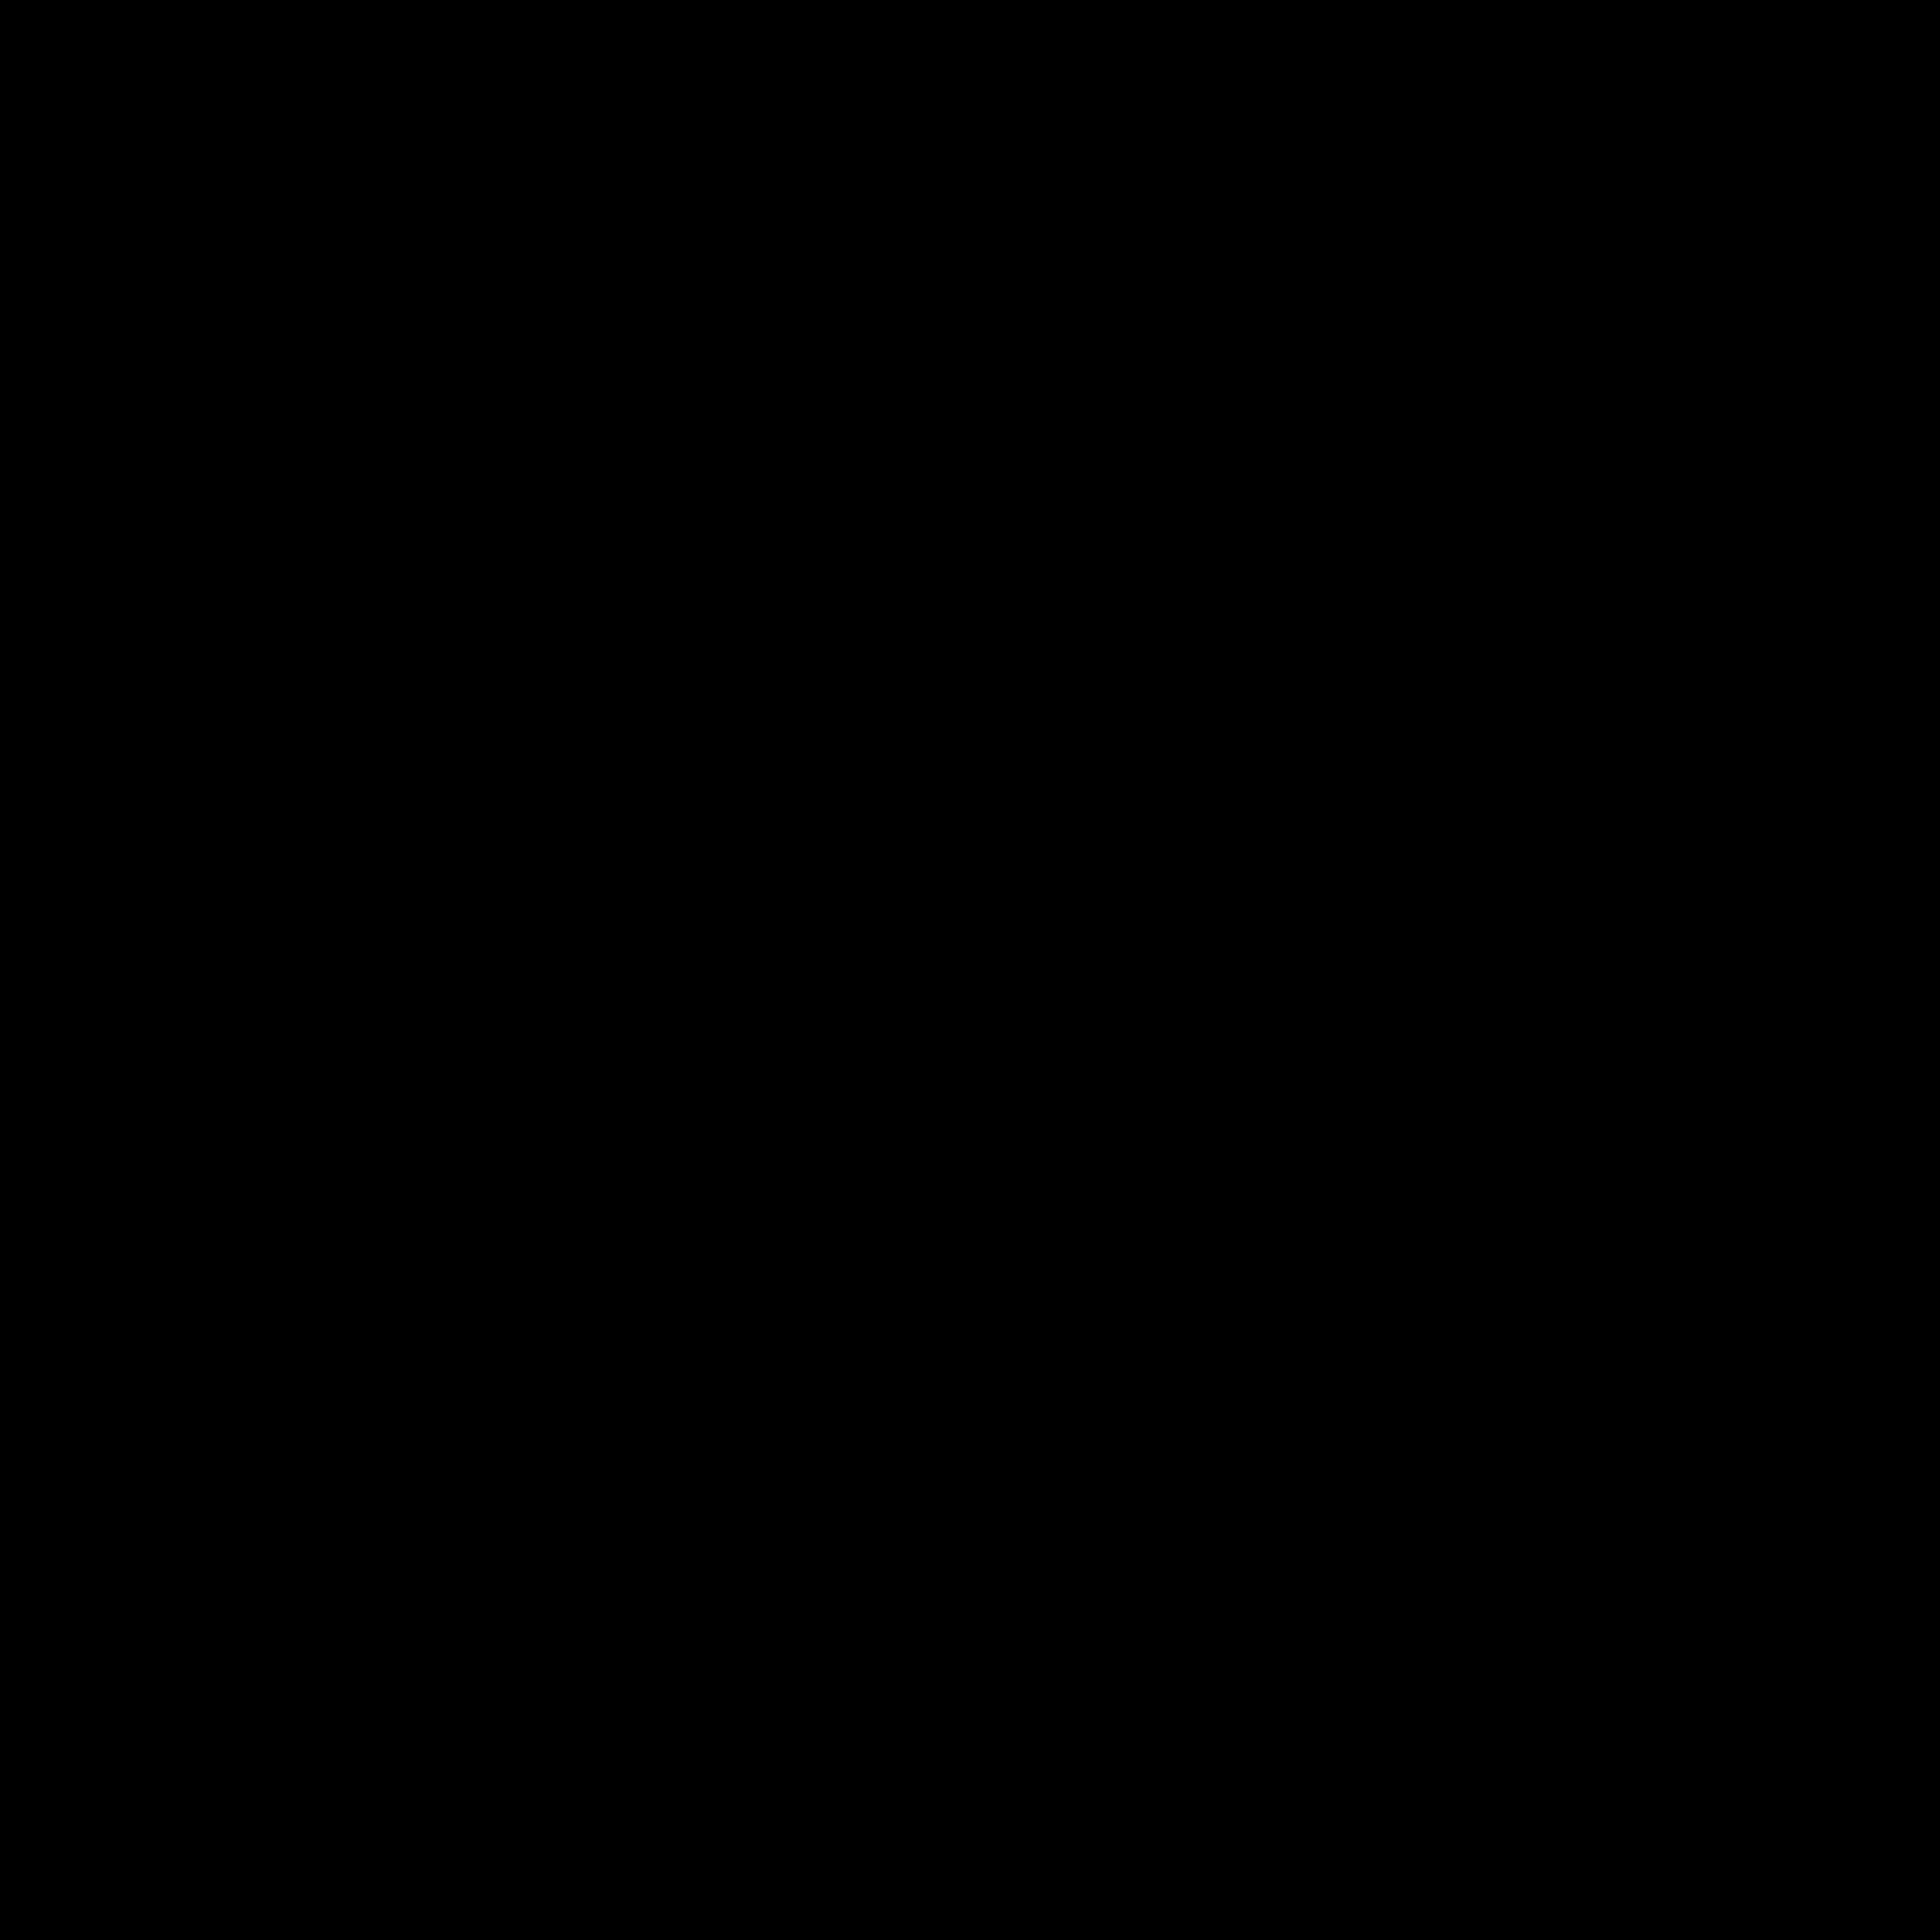 Neurothinking Institute Logo